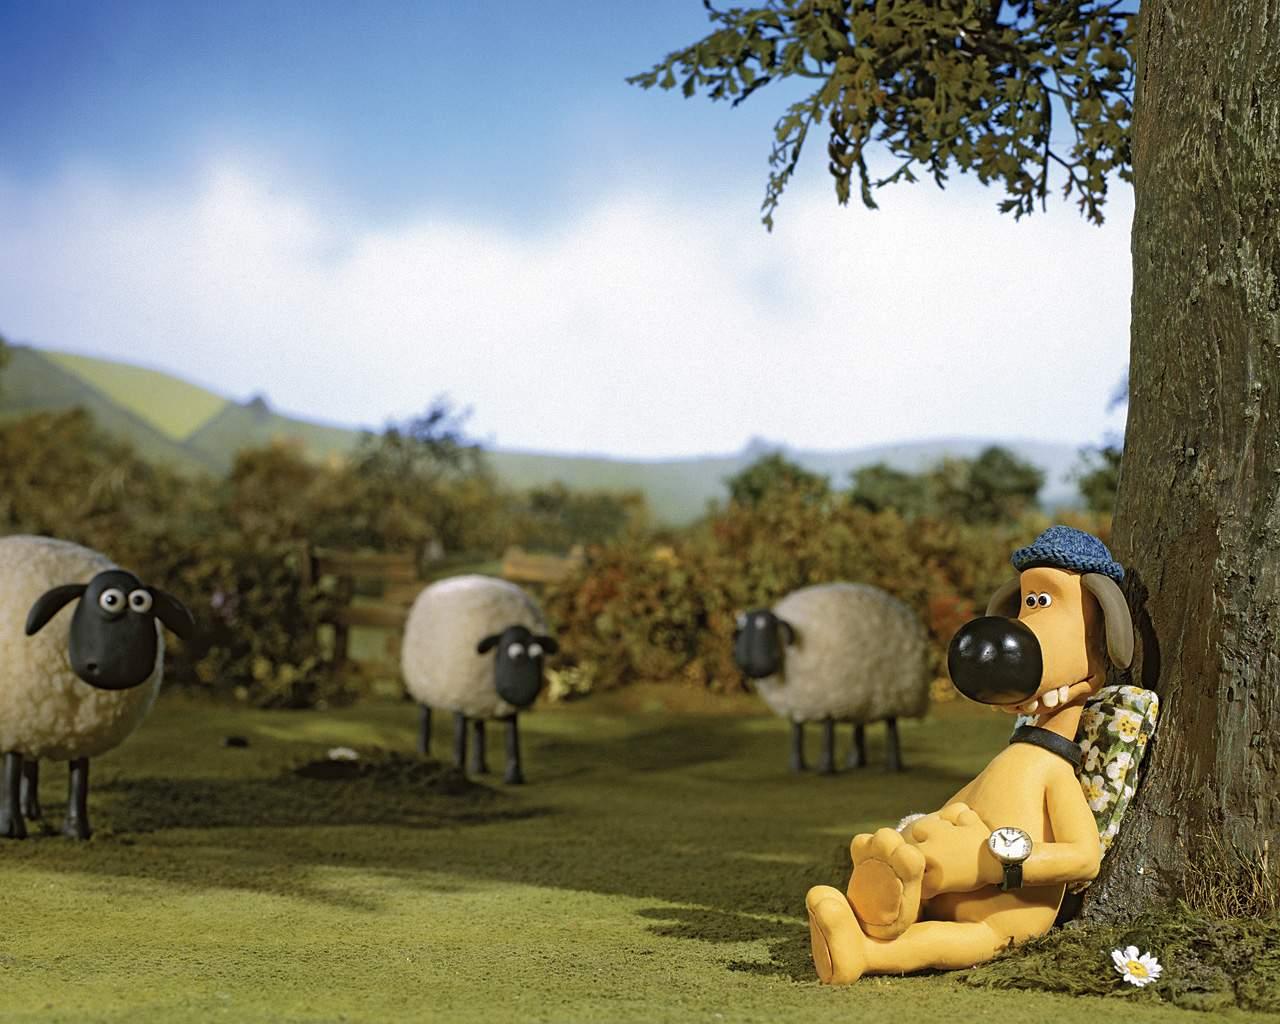 shaun si kambing, wallpaper shaun the sheep, foto shaun, kambing lucu